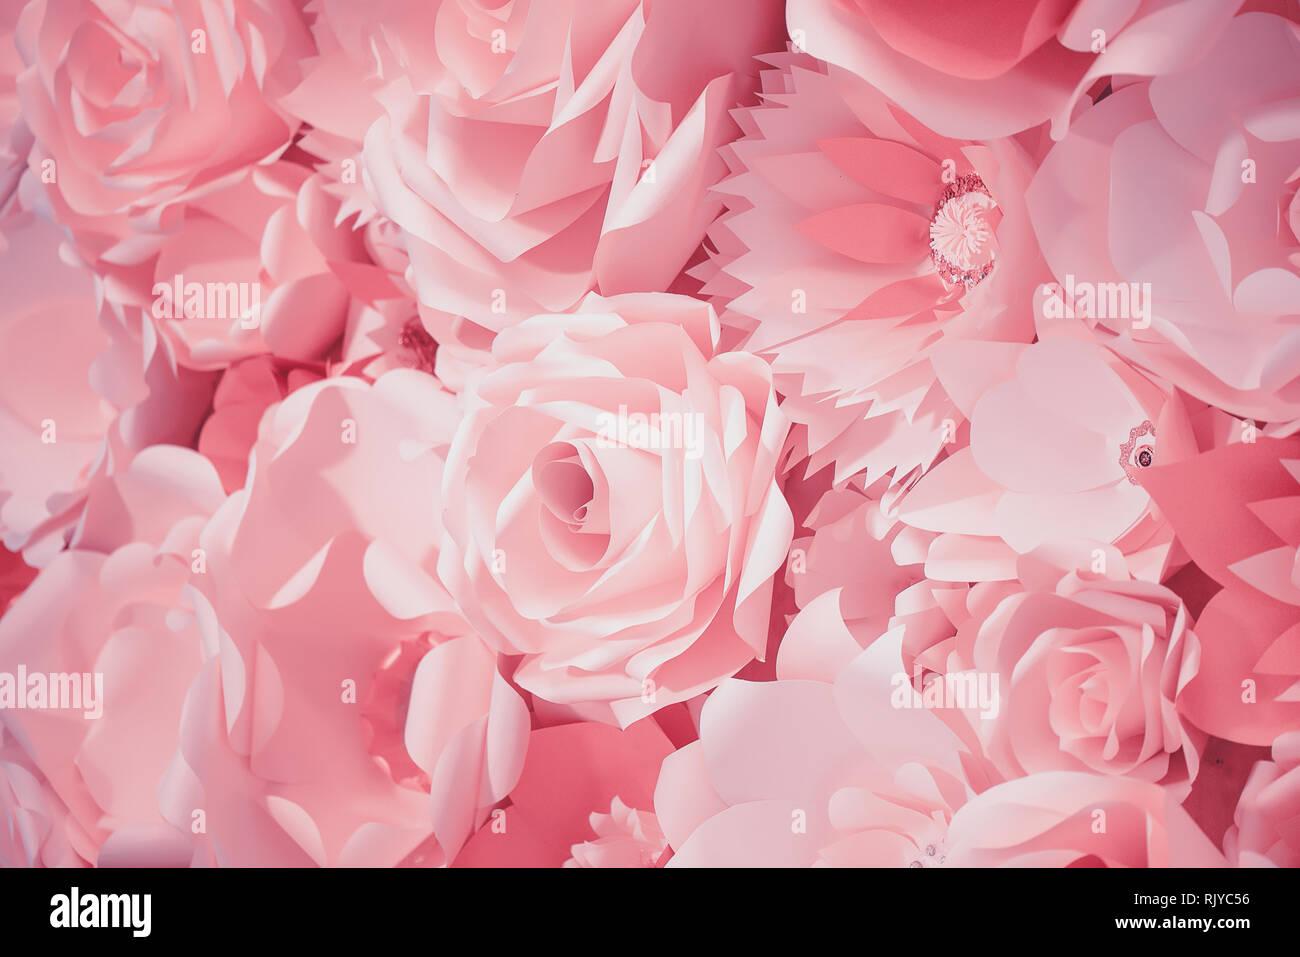 Idée Cadeau Baby Shower en effet filtre de couleur rose d'une fleur en papier 3d